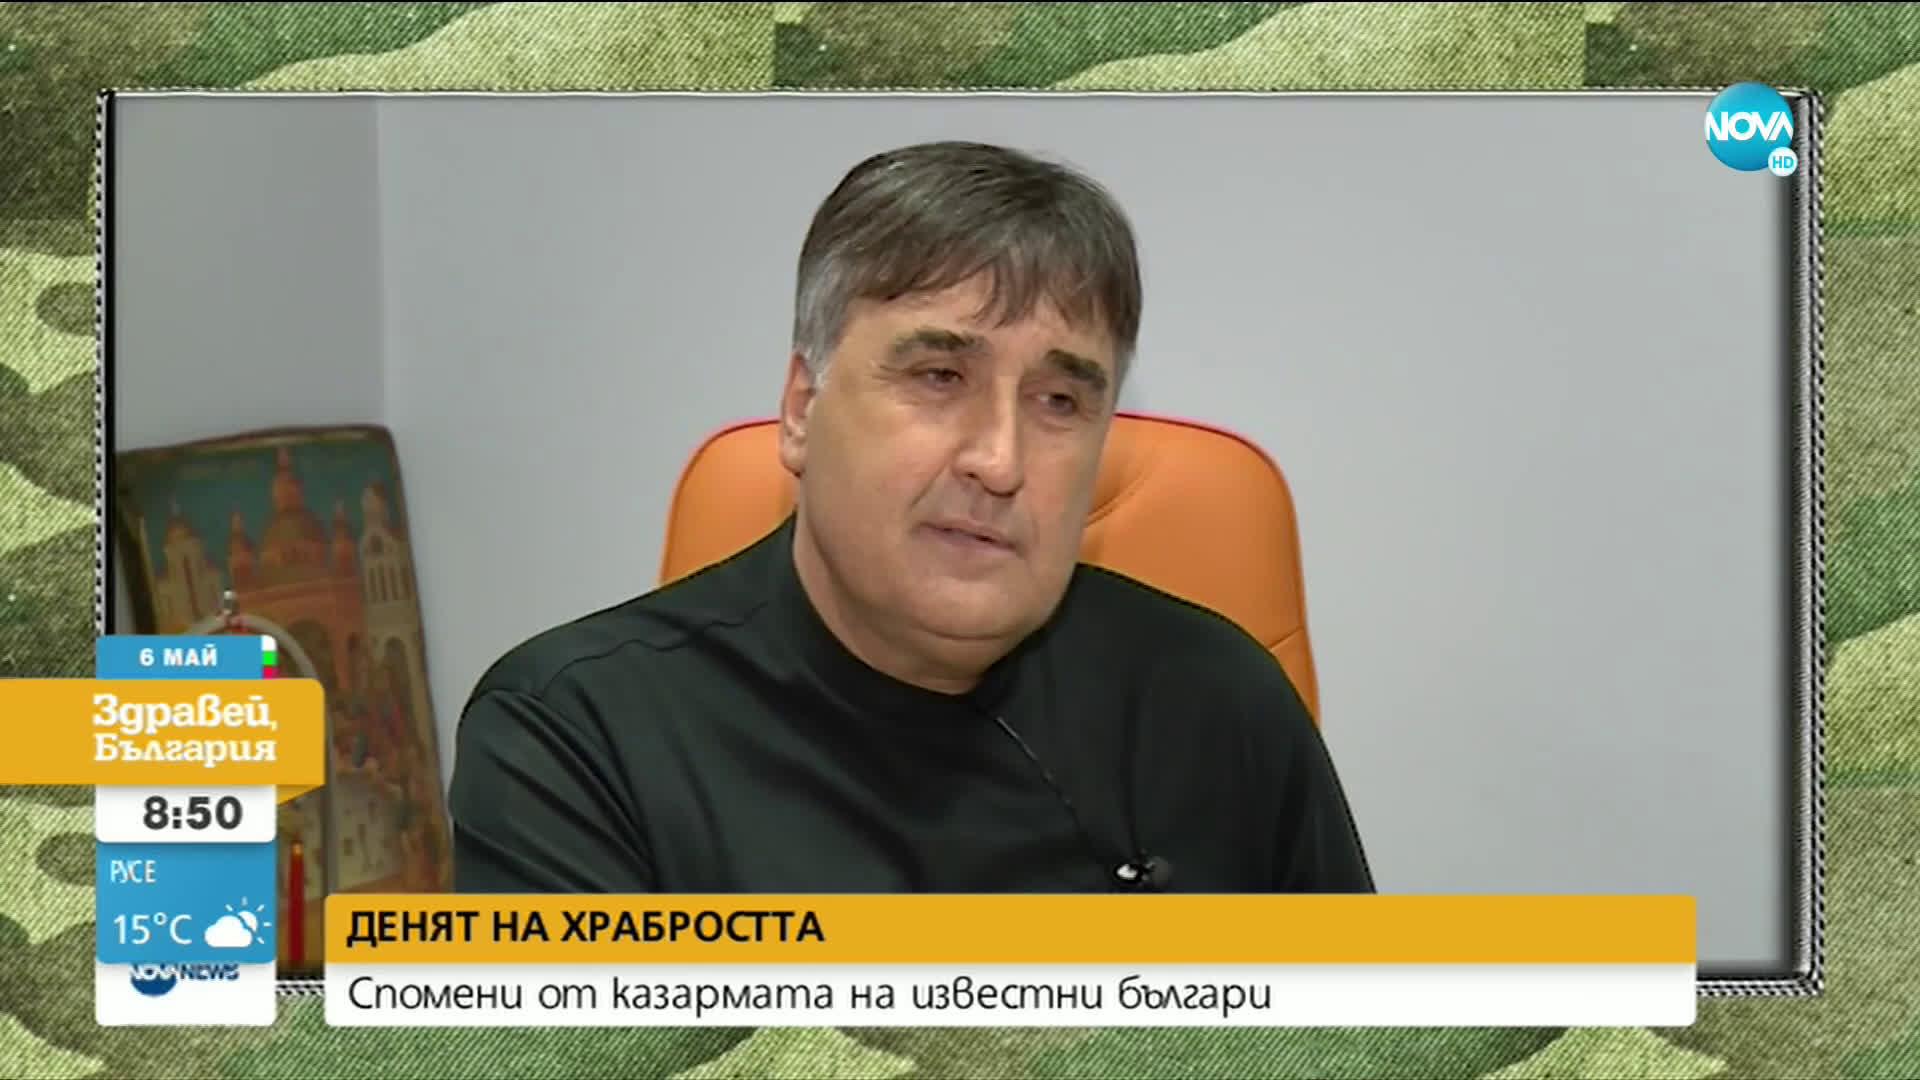 Веселин Маринов със спомени от казармата